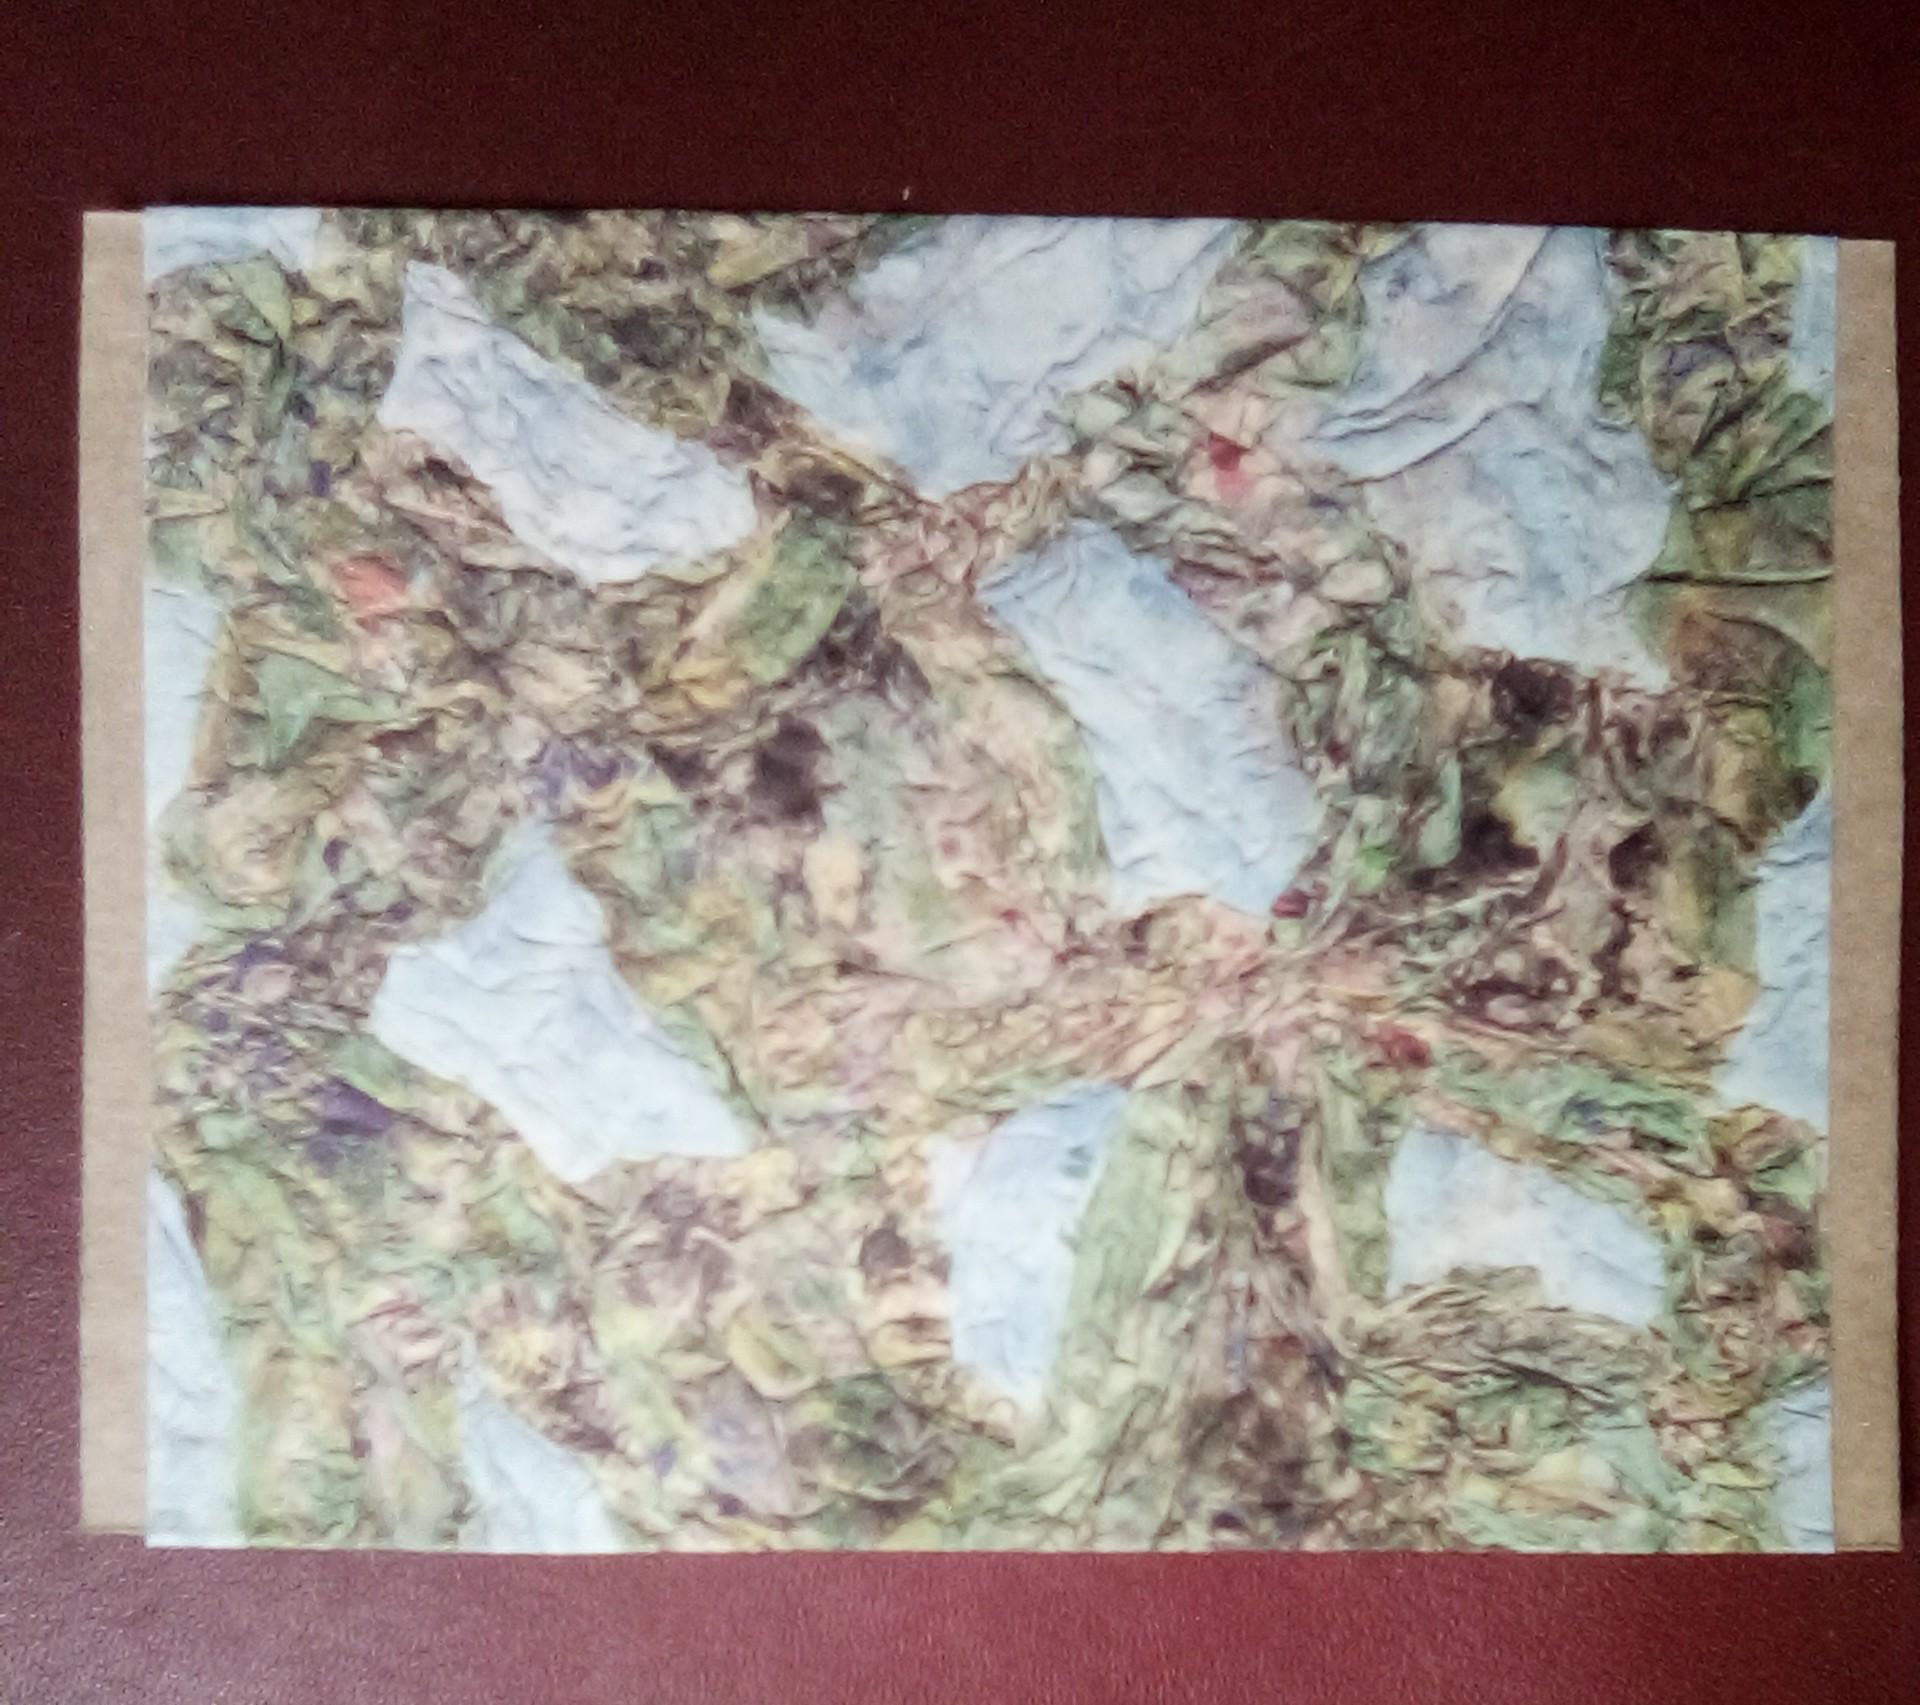 troc de troc carte faite maison image 2